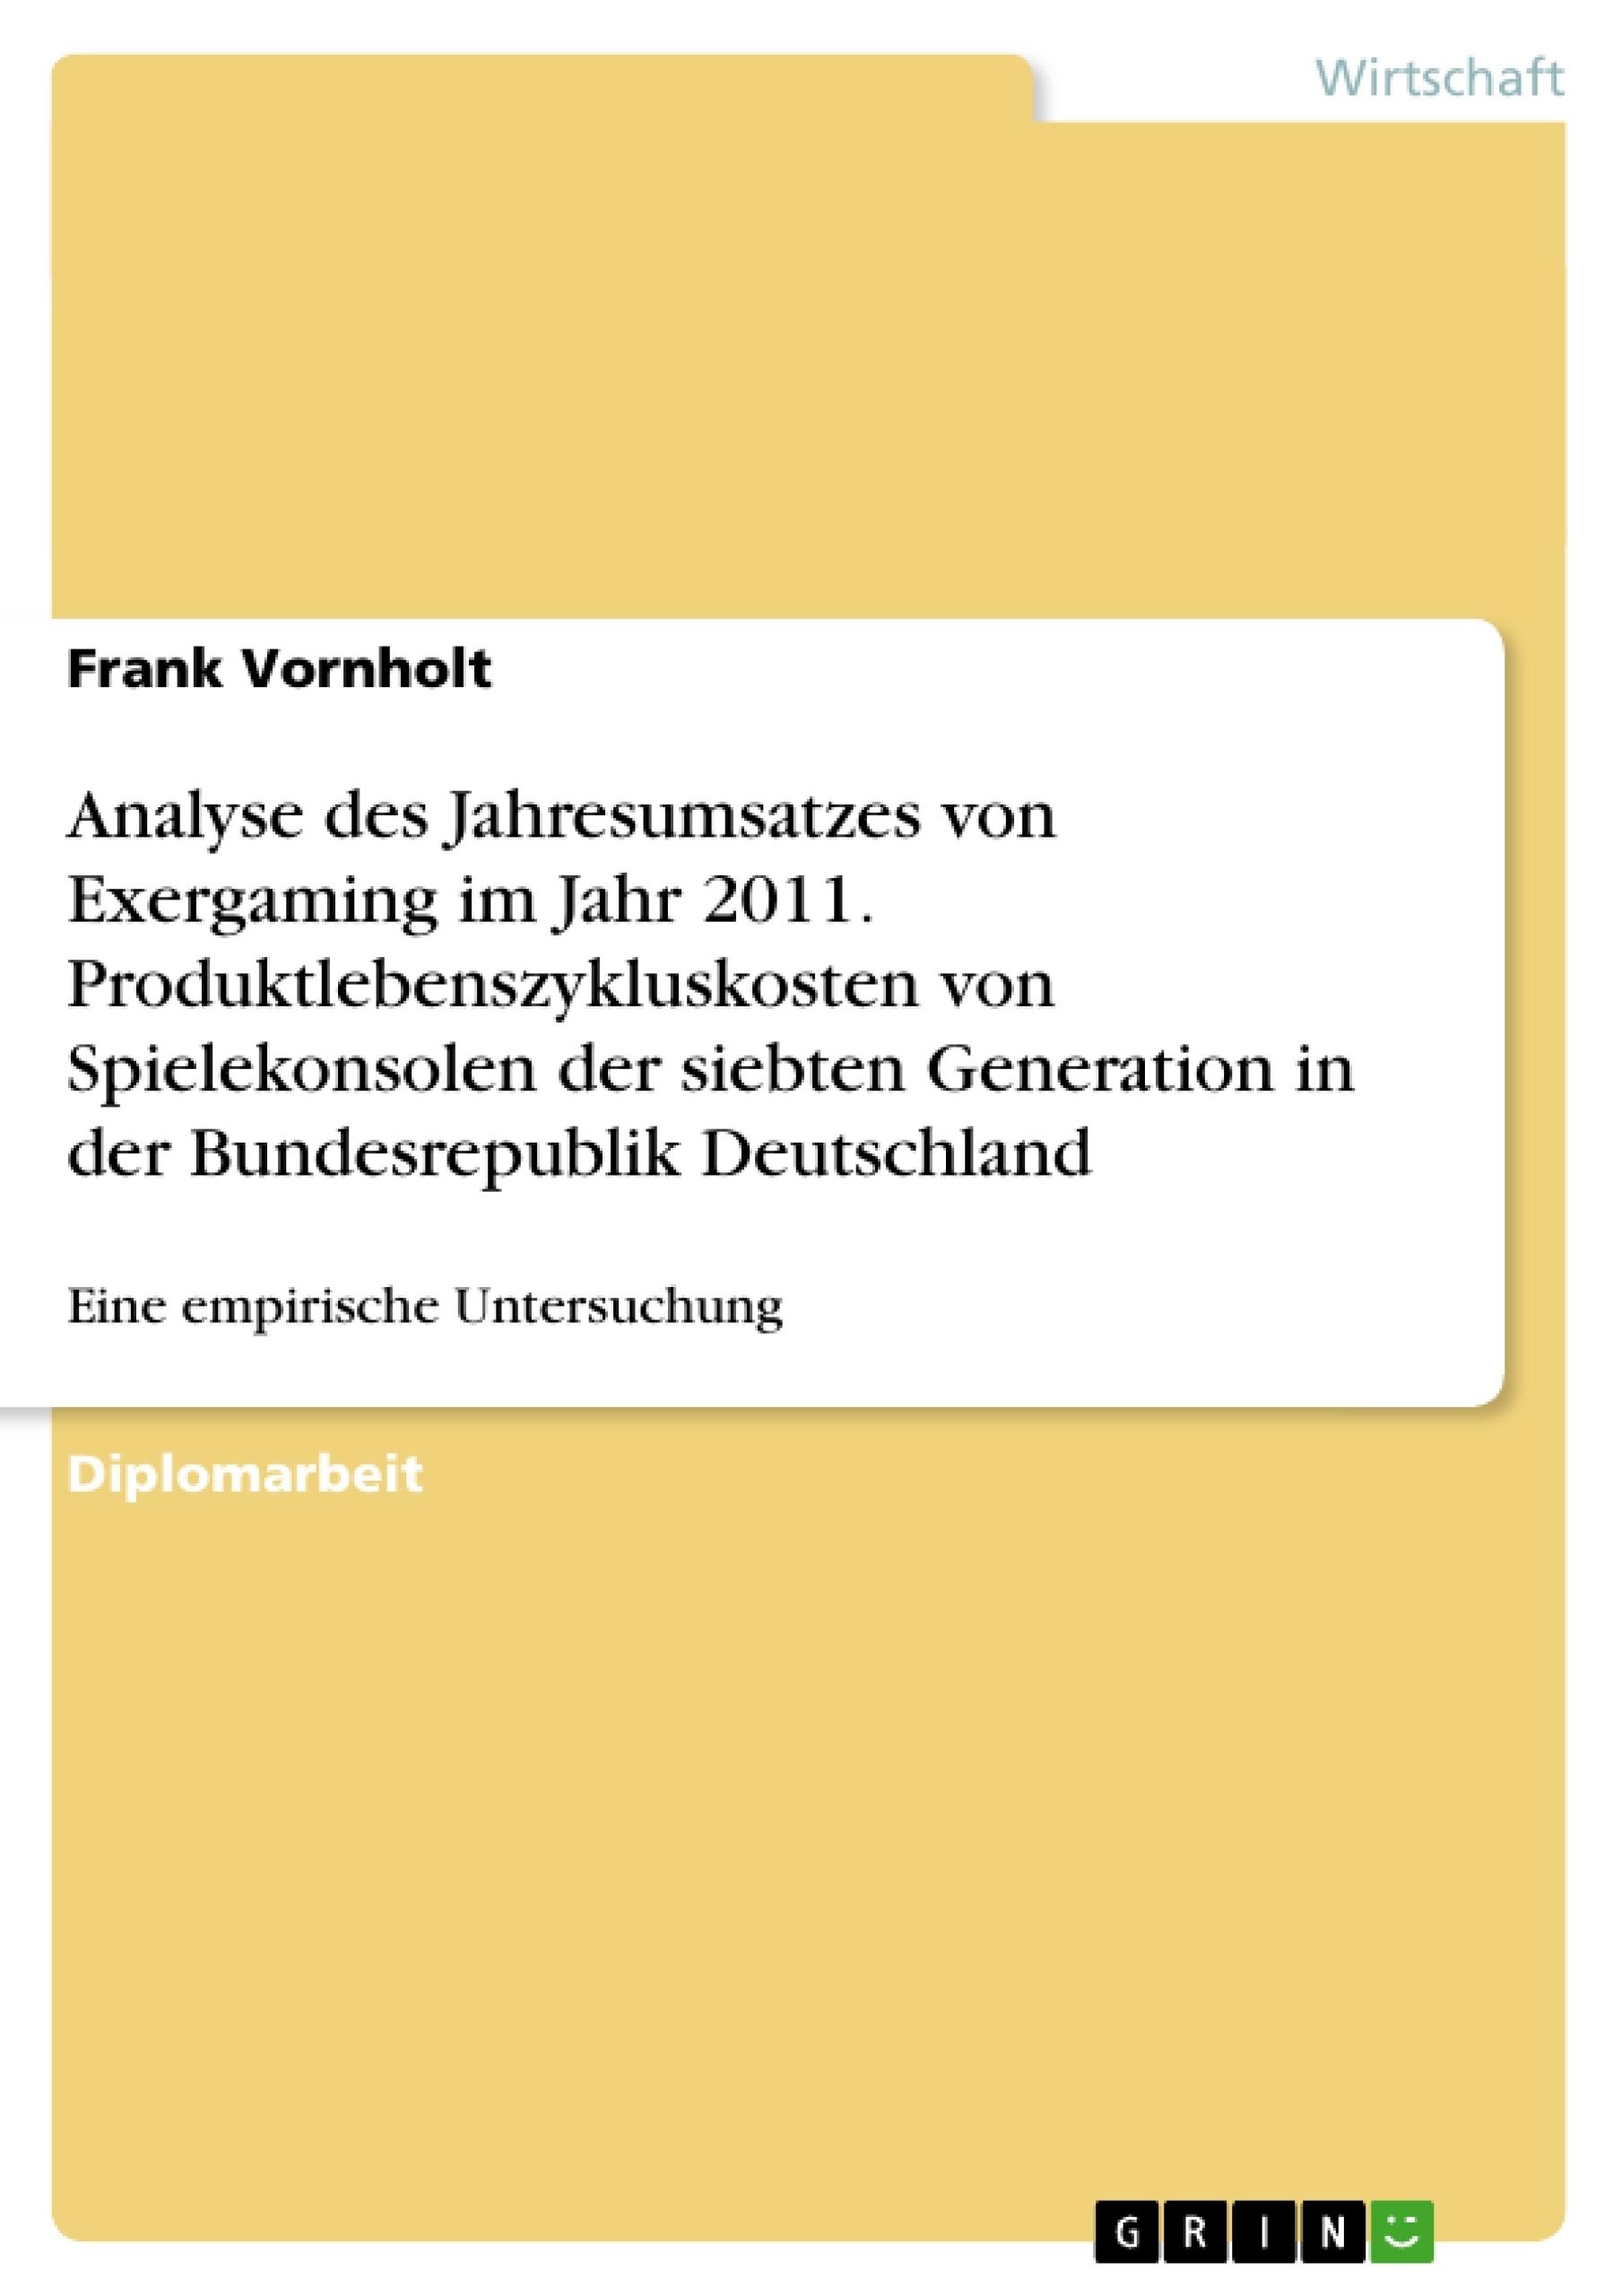 Titel: Analyse des Jahresumsatzes von Exergaming im Jahr 2011. Produktlebenszykluskosten von Spielekonsolen der siebten Generation in der Bundesrepublik Deutschland